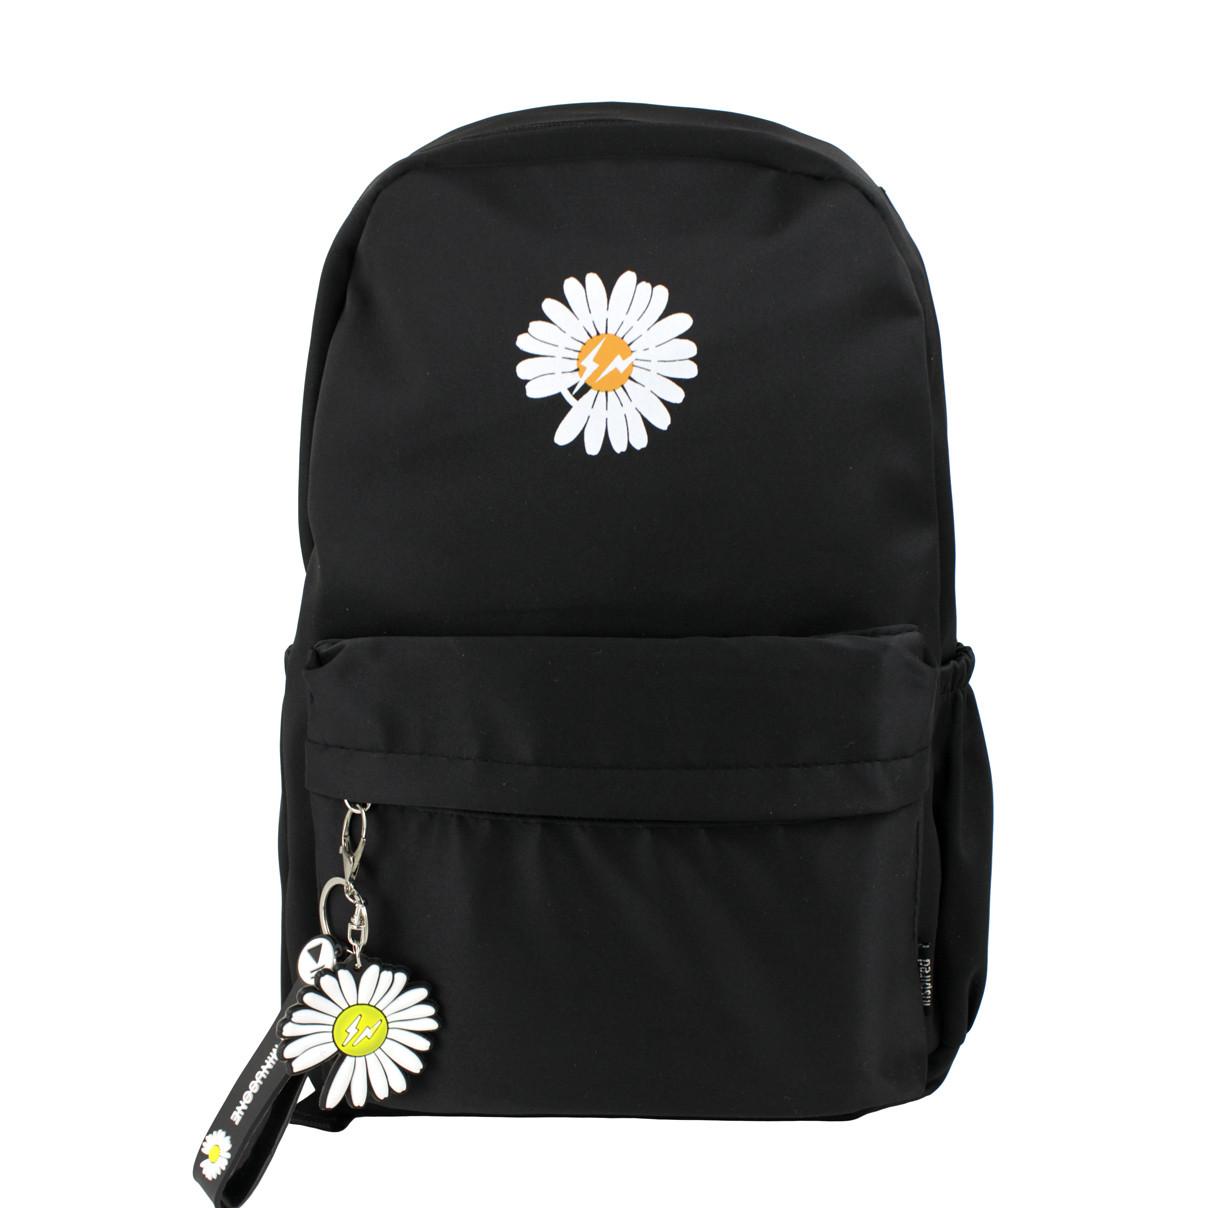 Рюкзак жіночий міський Ромашка Minus чорний (716839)